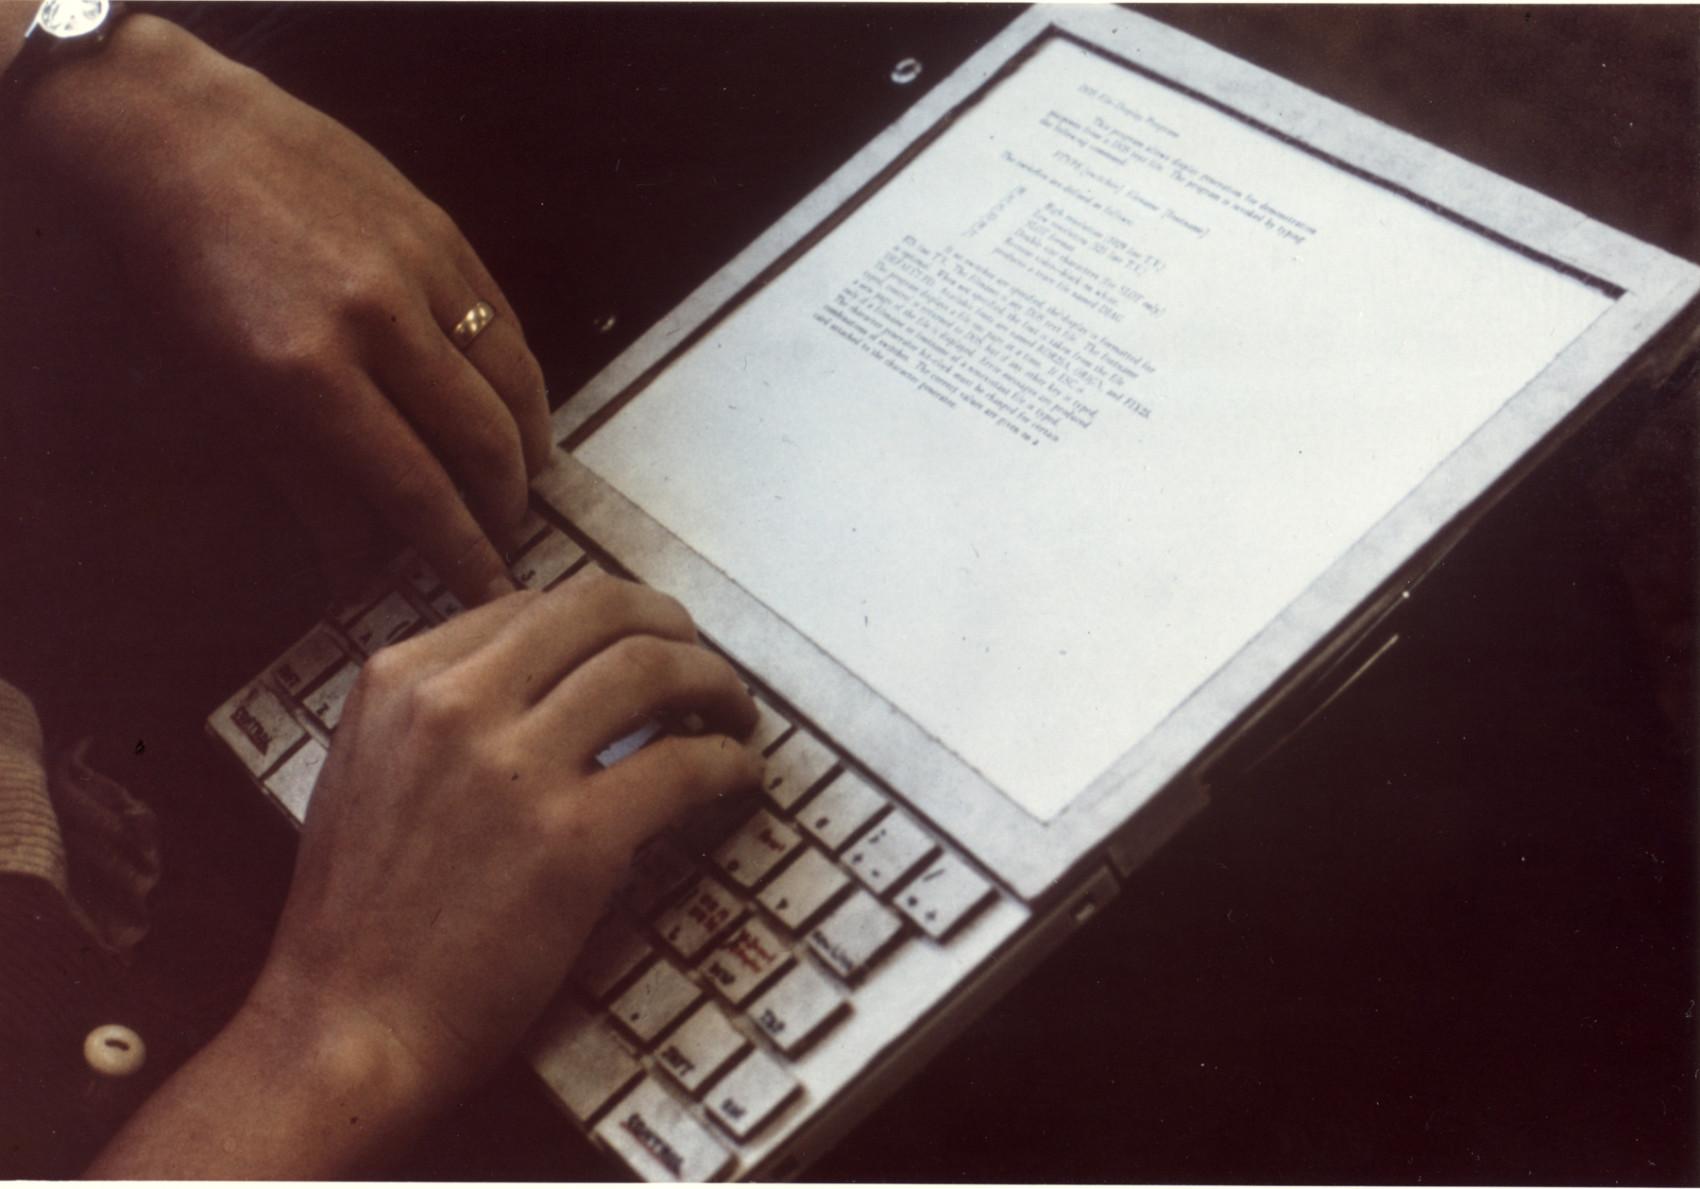 Prototipo di Dynabook concepito da Alan Kay presso lo Xerox PARC, 1970. Fonte: https://www.parc.com/newsroom/media-library.html